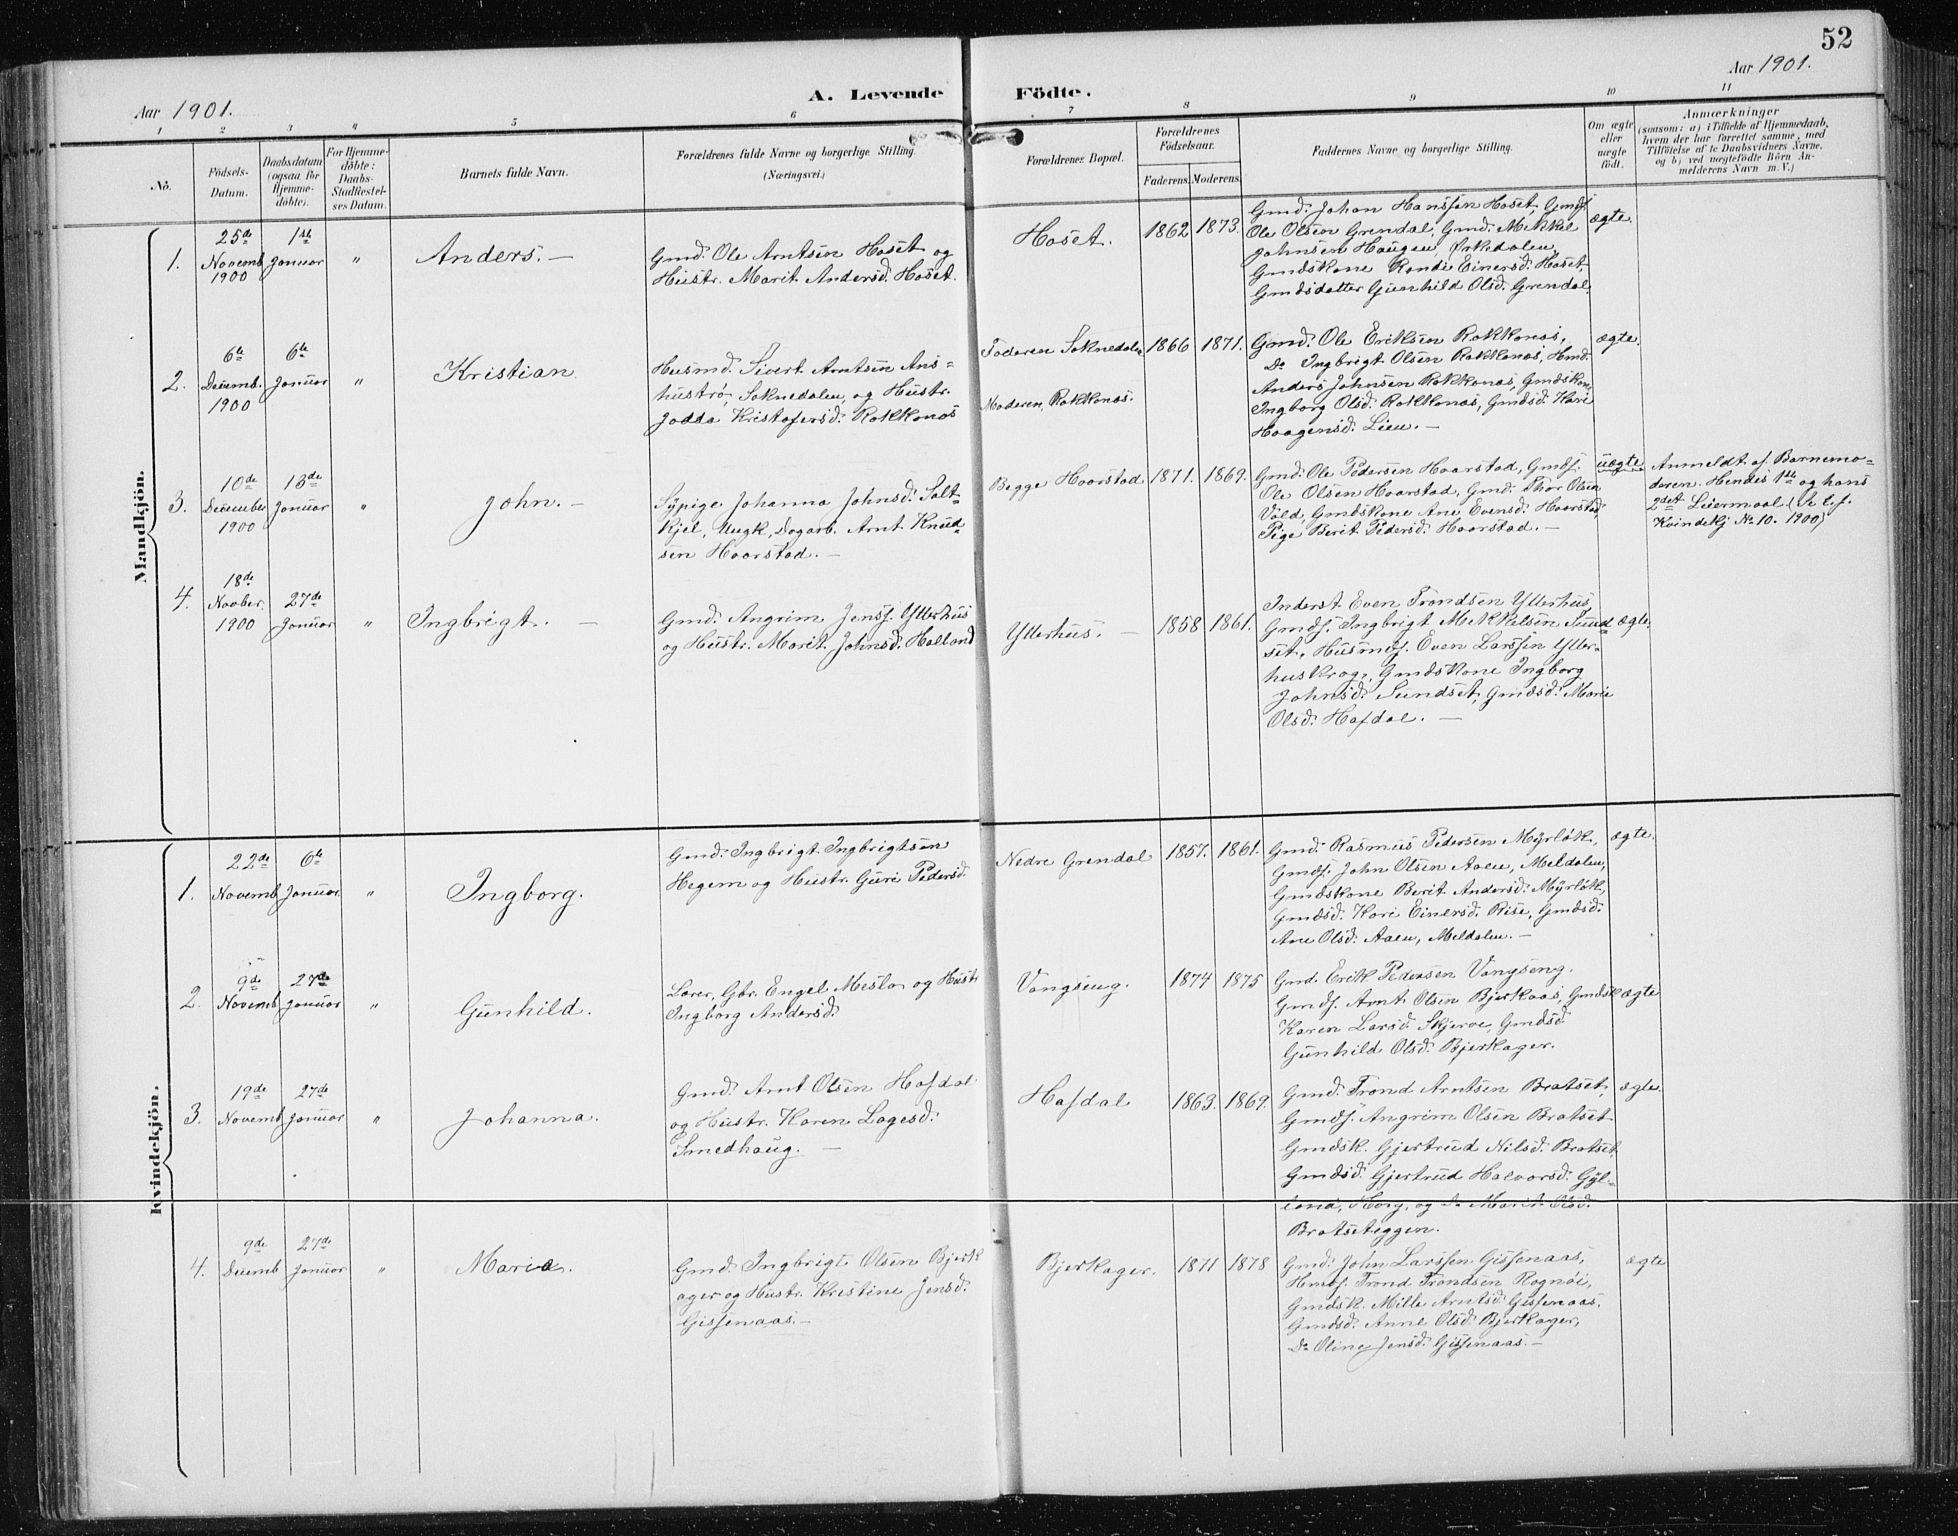 SAT, Ministerialprotokoller, klokkerbøker og fødselsregistre - Sør-Trøndelag, 674/L0876: Klokkerbok nr. 674C03, 1892-1912, s. 52